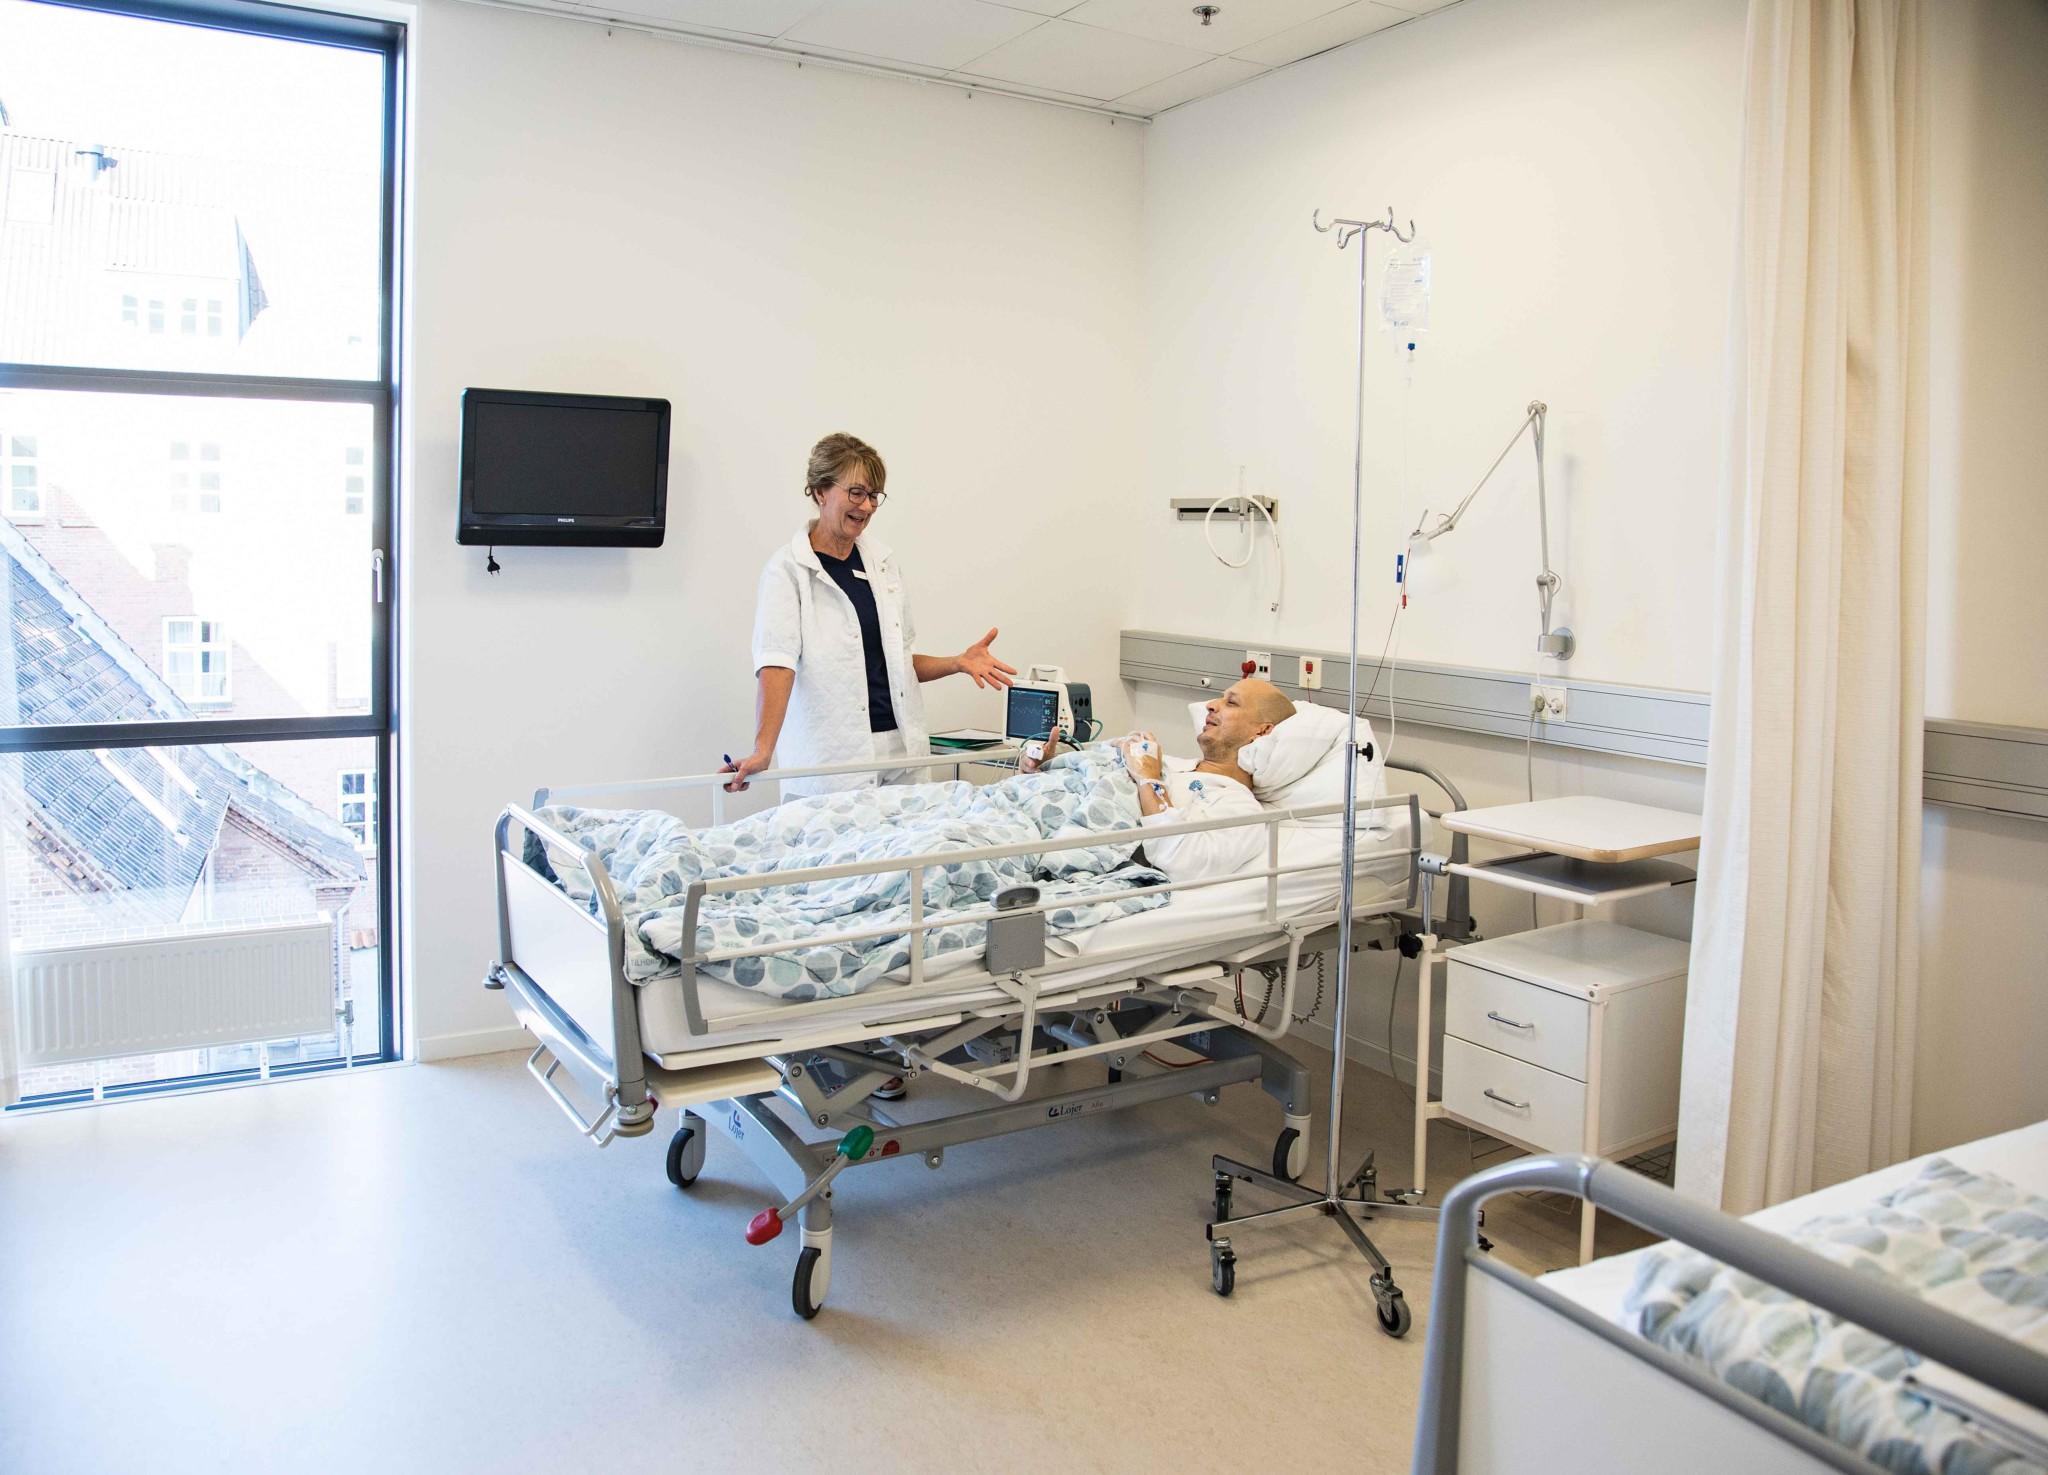 center for rygkirurgi hellerup